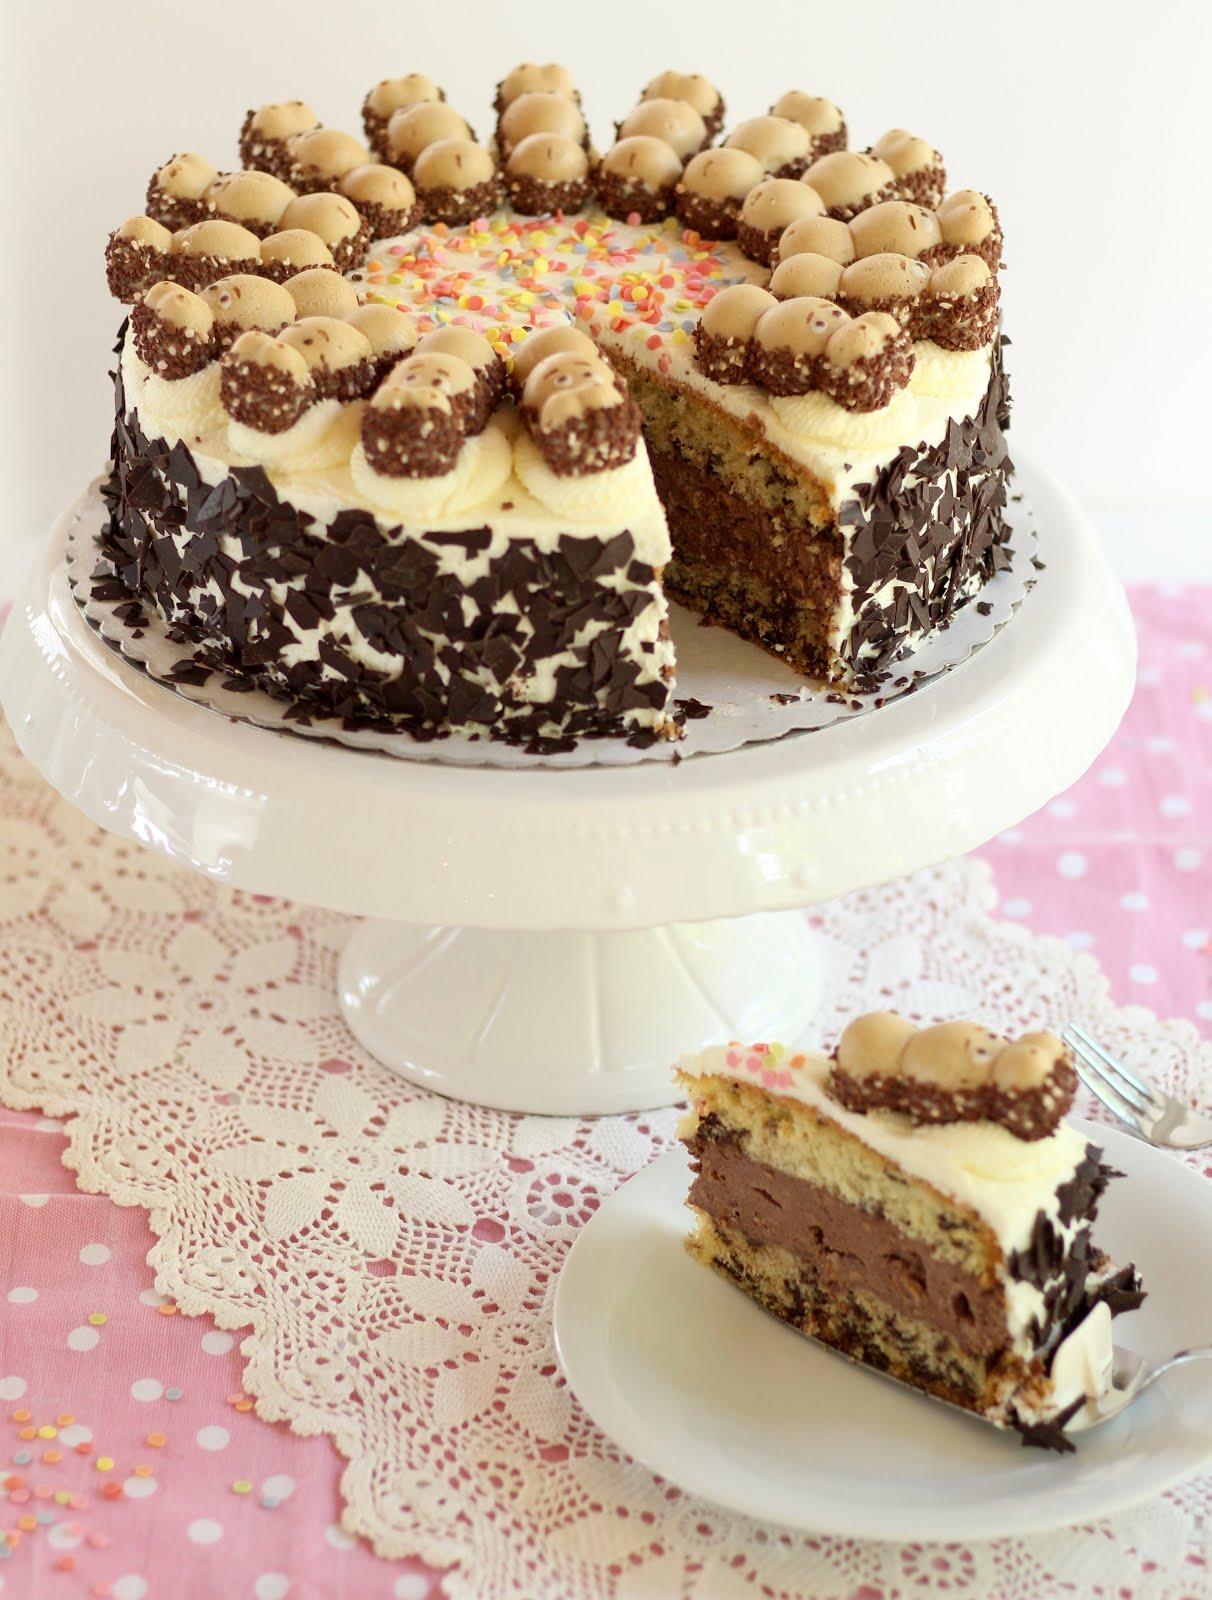 Super leckere Happy Hippo Torte | Nilpferd-Torte zum Geburtstag | Rezept und Video von Sugarprincess